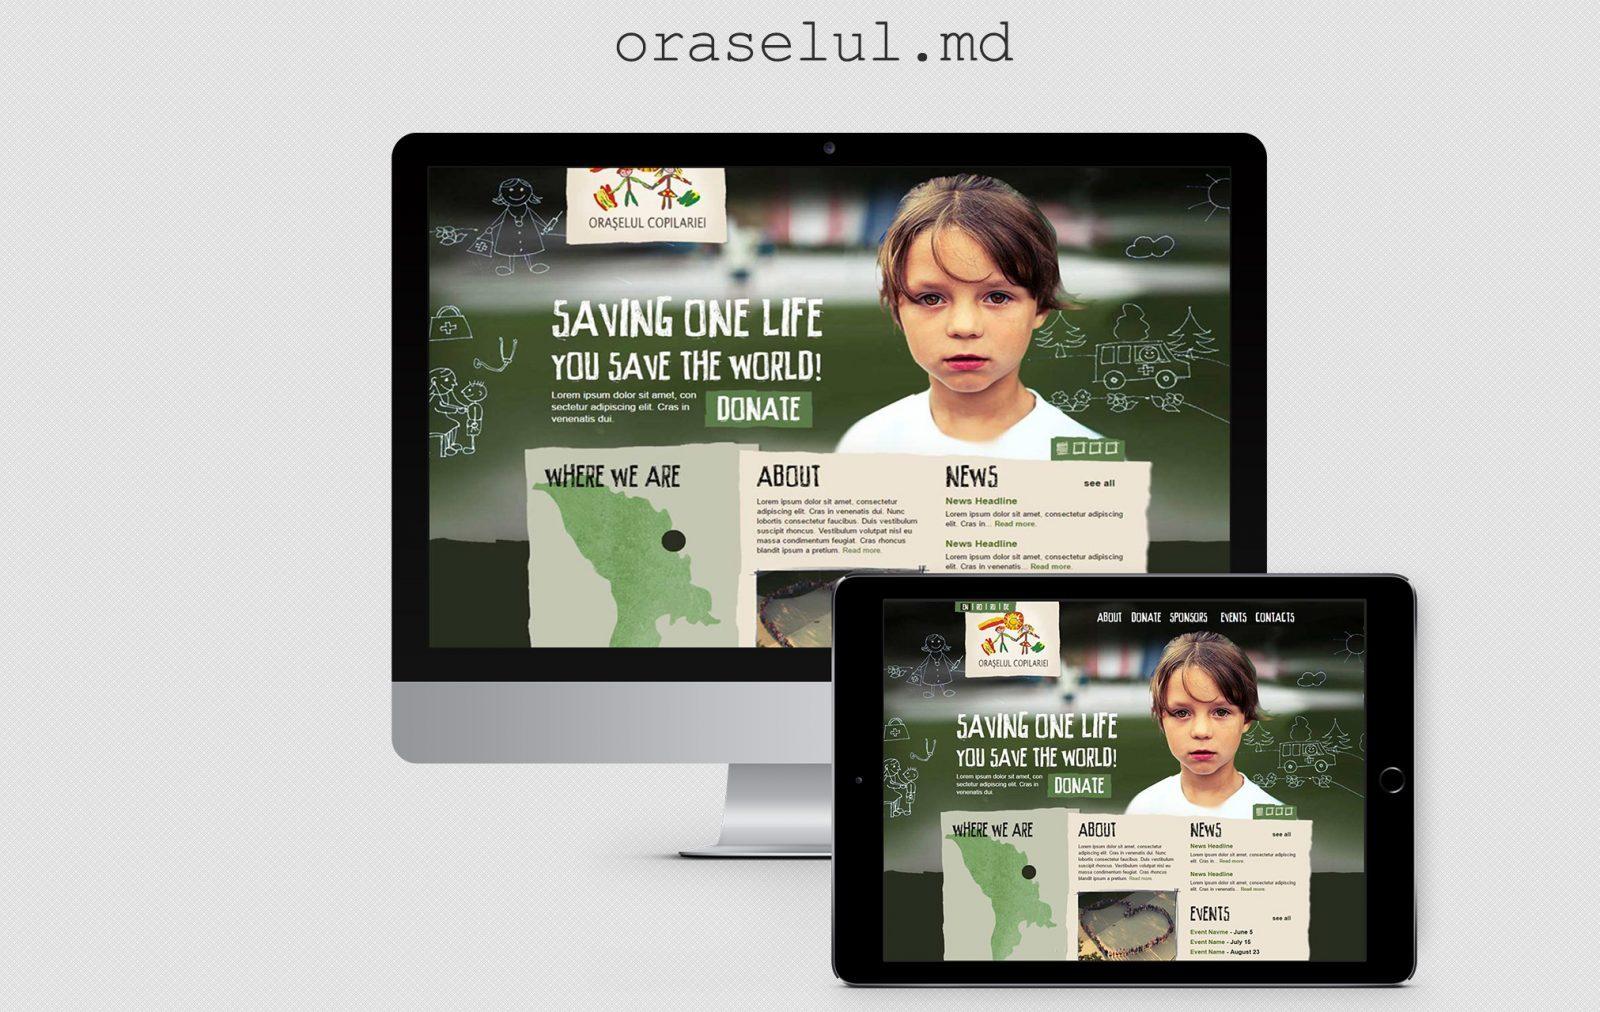 Сайт благотворительной организации - Oraselul 1